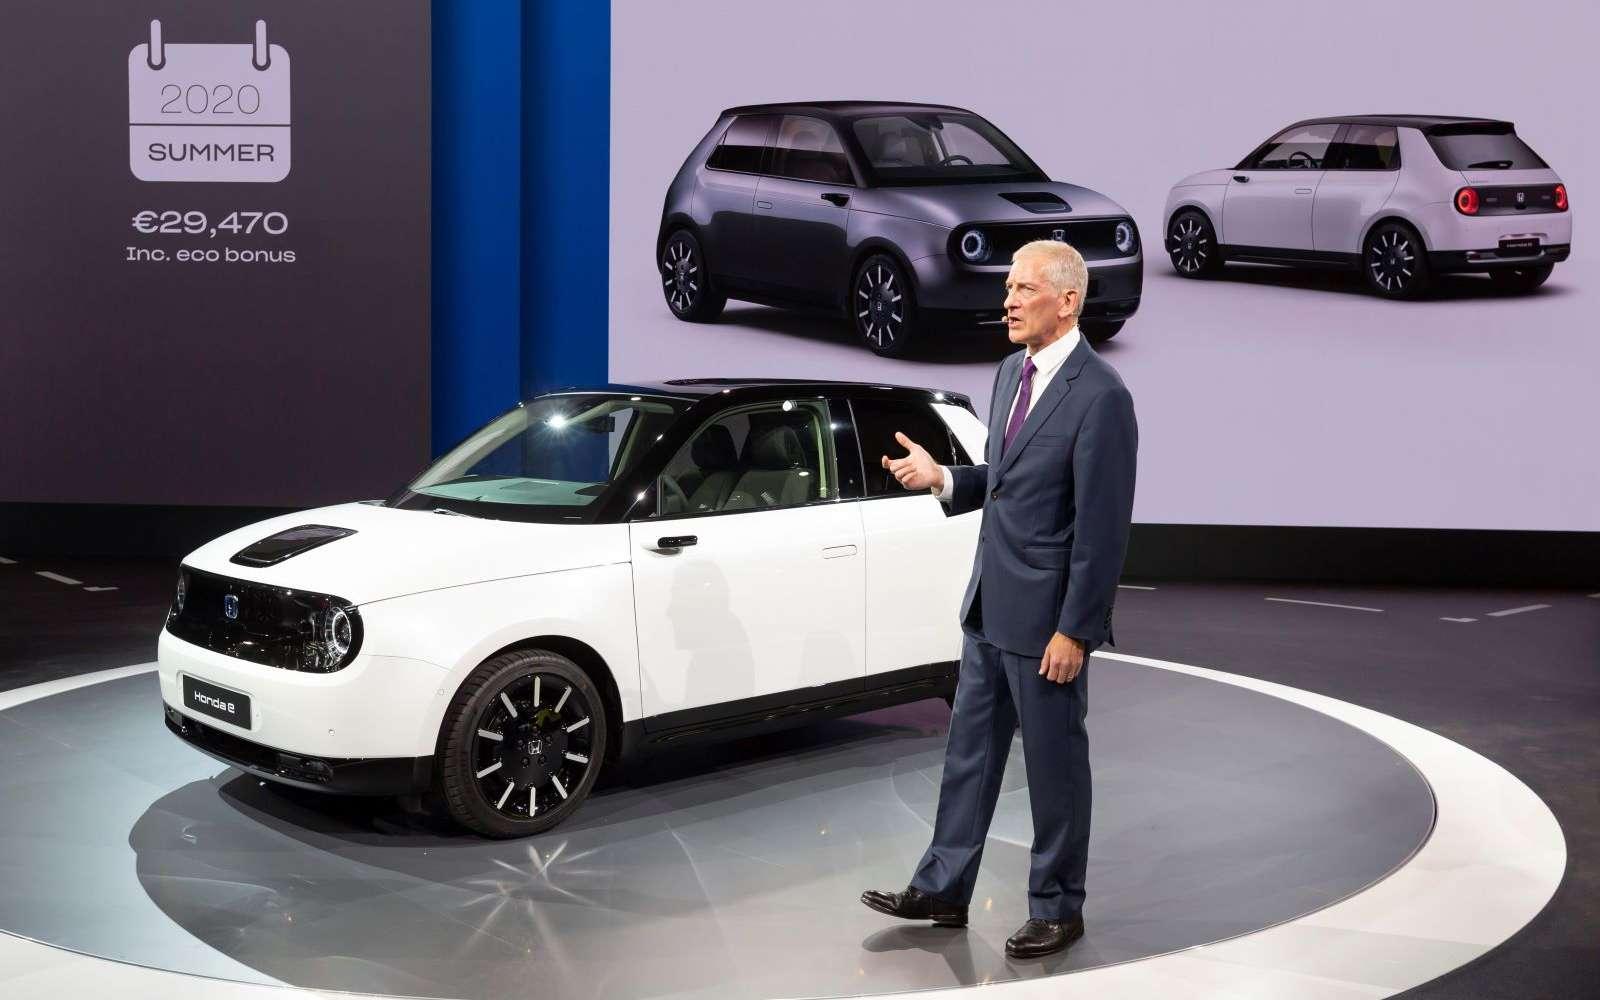 La Honda e se décline en plusieurs couleurs et le bonus écologique lui permet d'être accessible à moins de 30.000 euros. © Honda